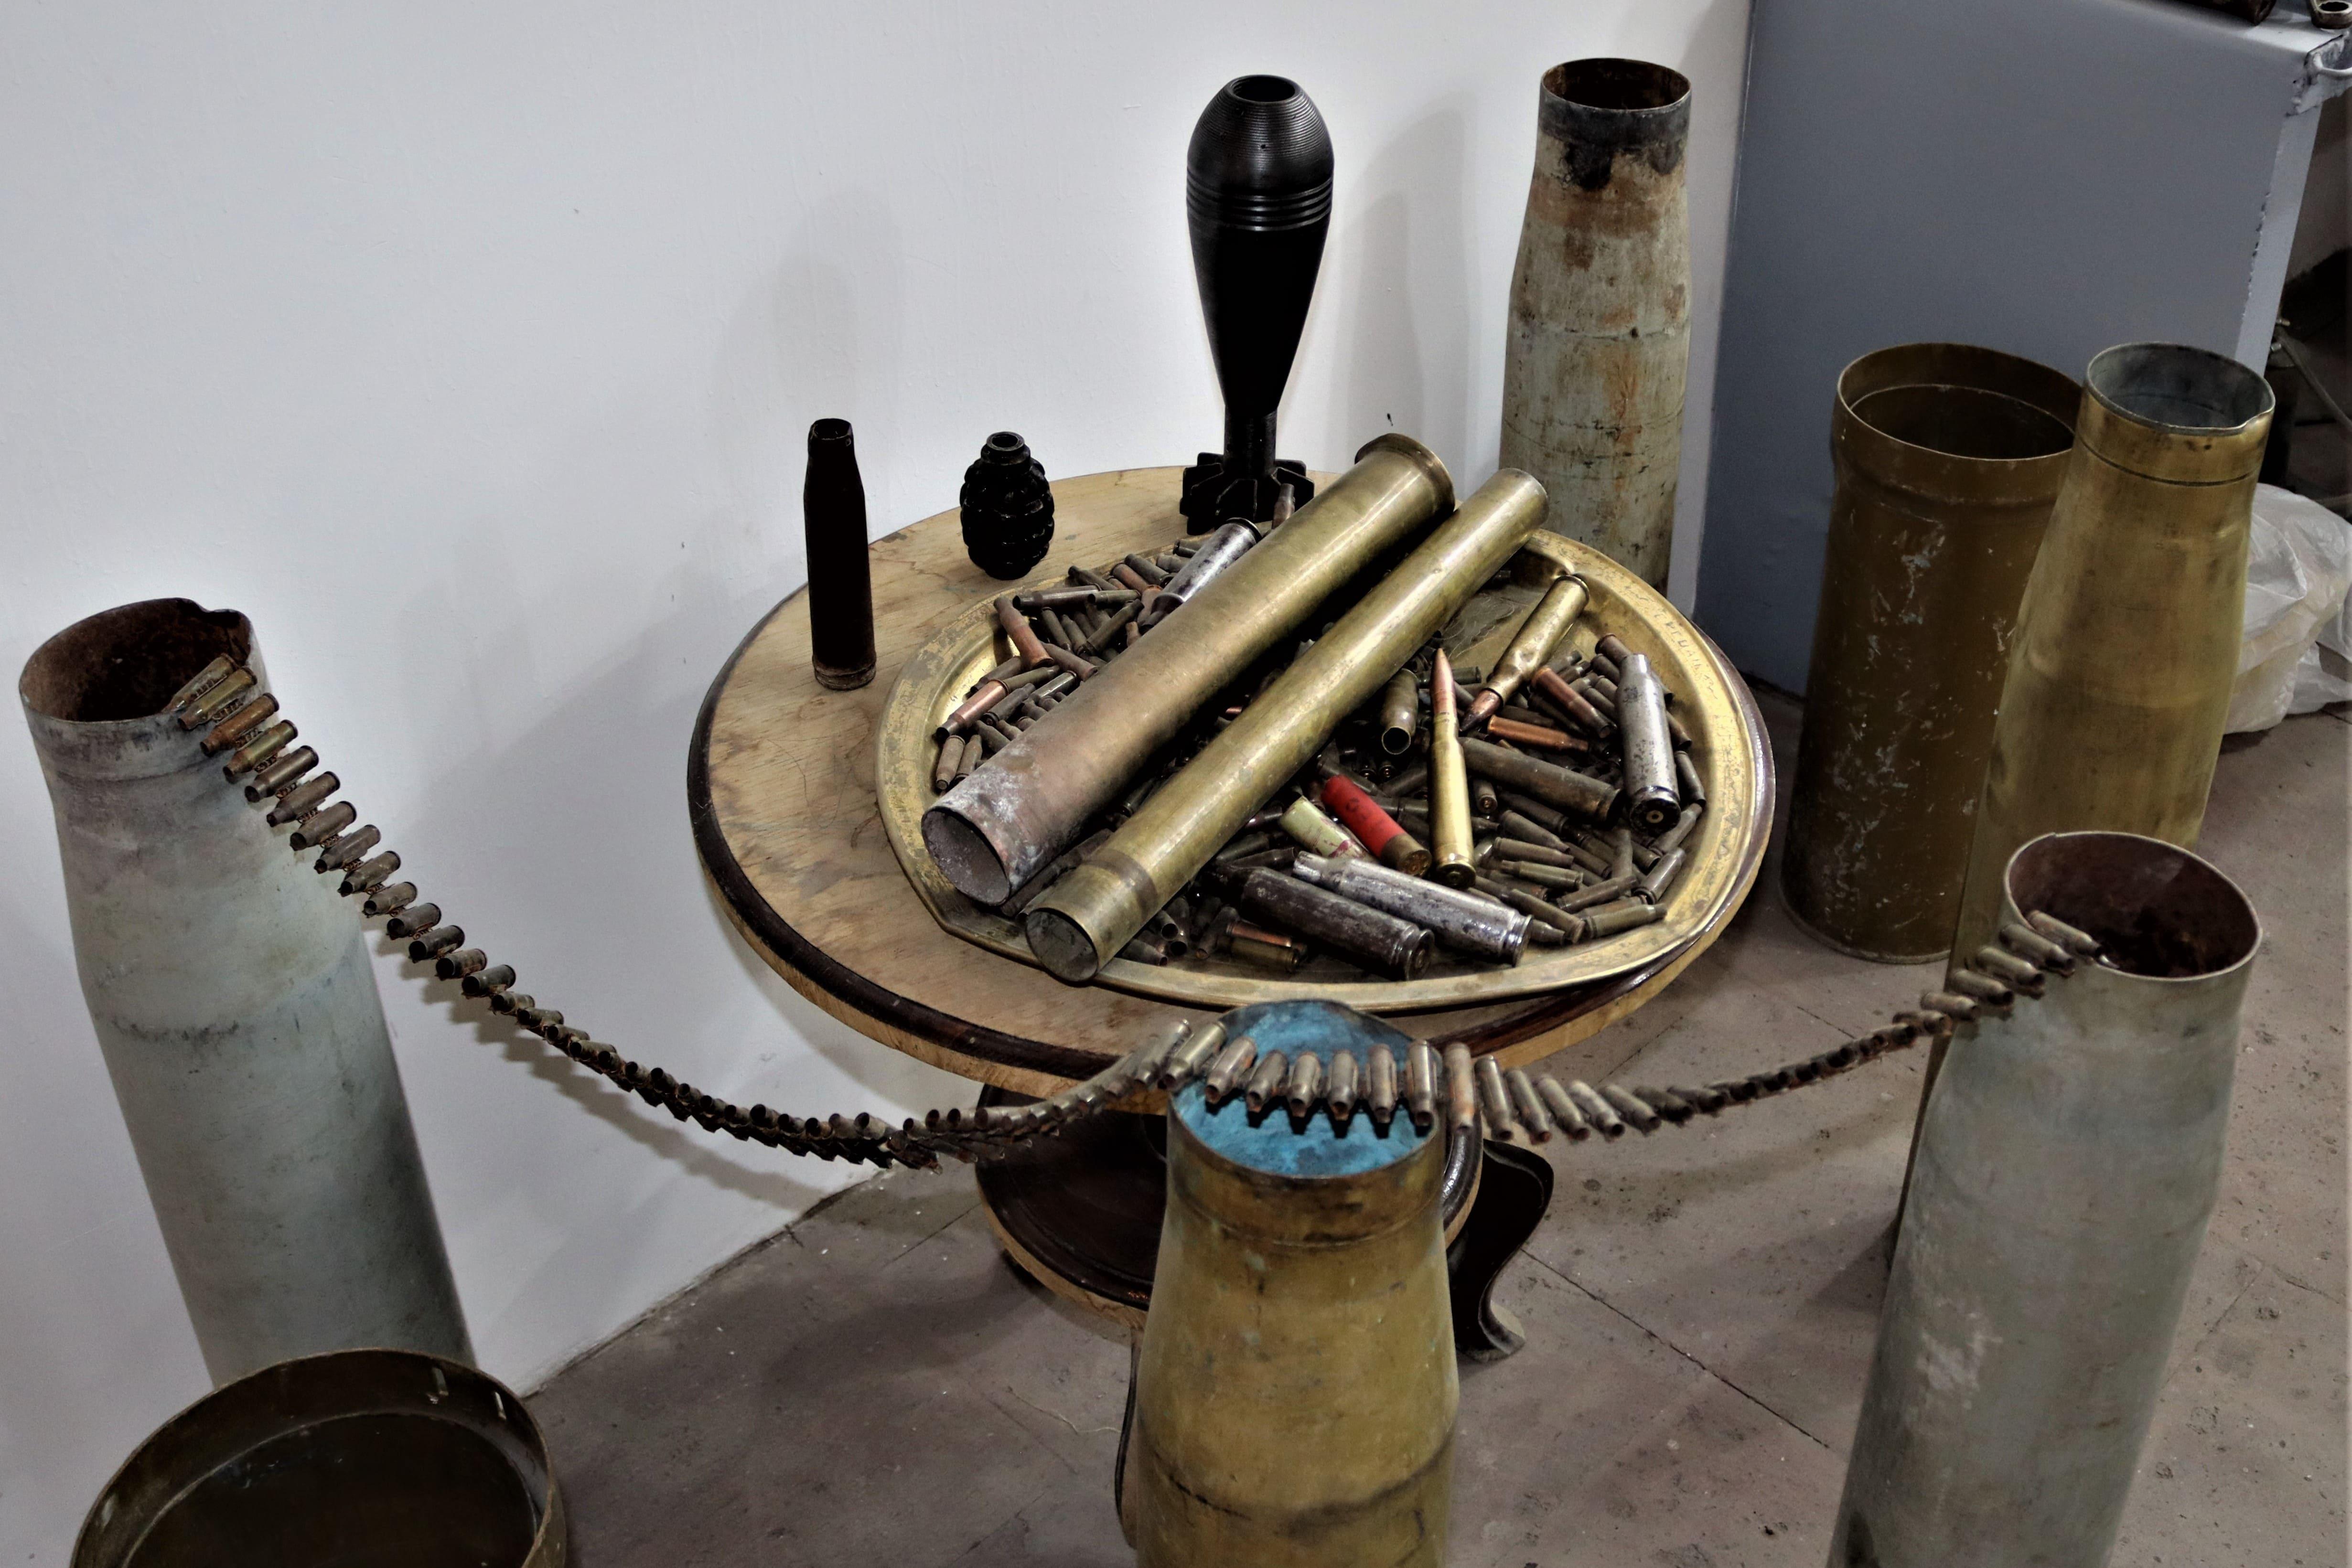 Использованные гильзы и патроны - материал, из которого Артак изготавливает украшения. Фото: Анаит Арутюнян